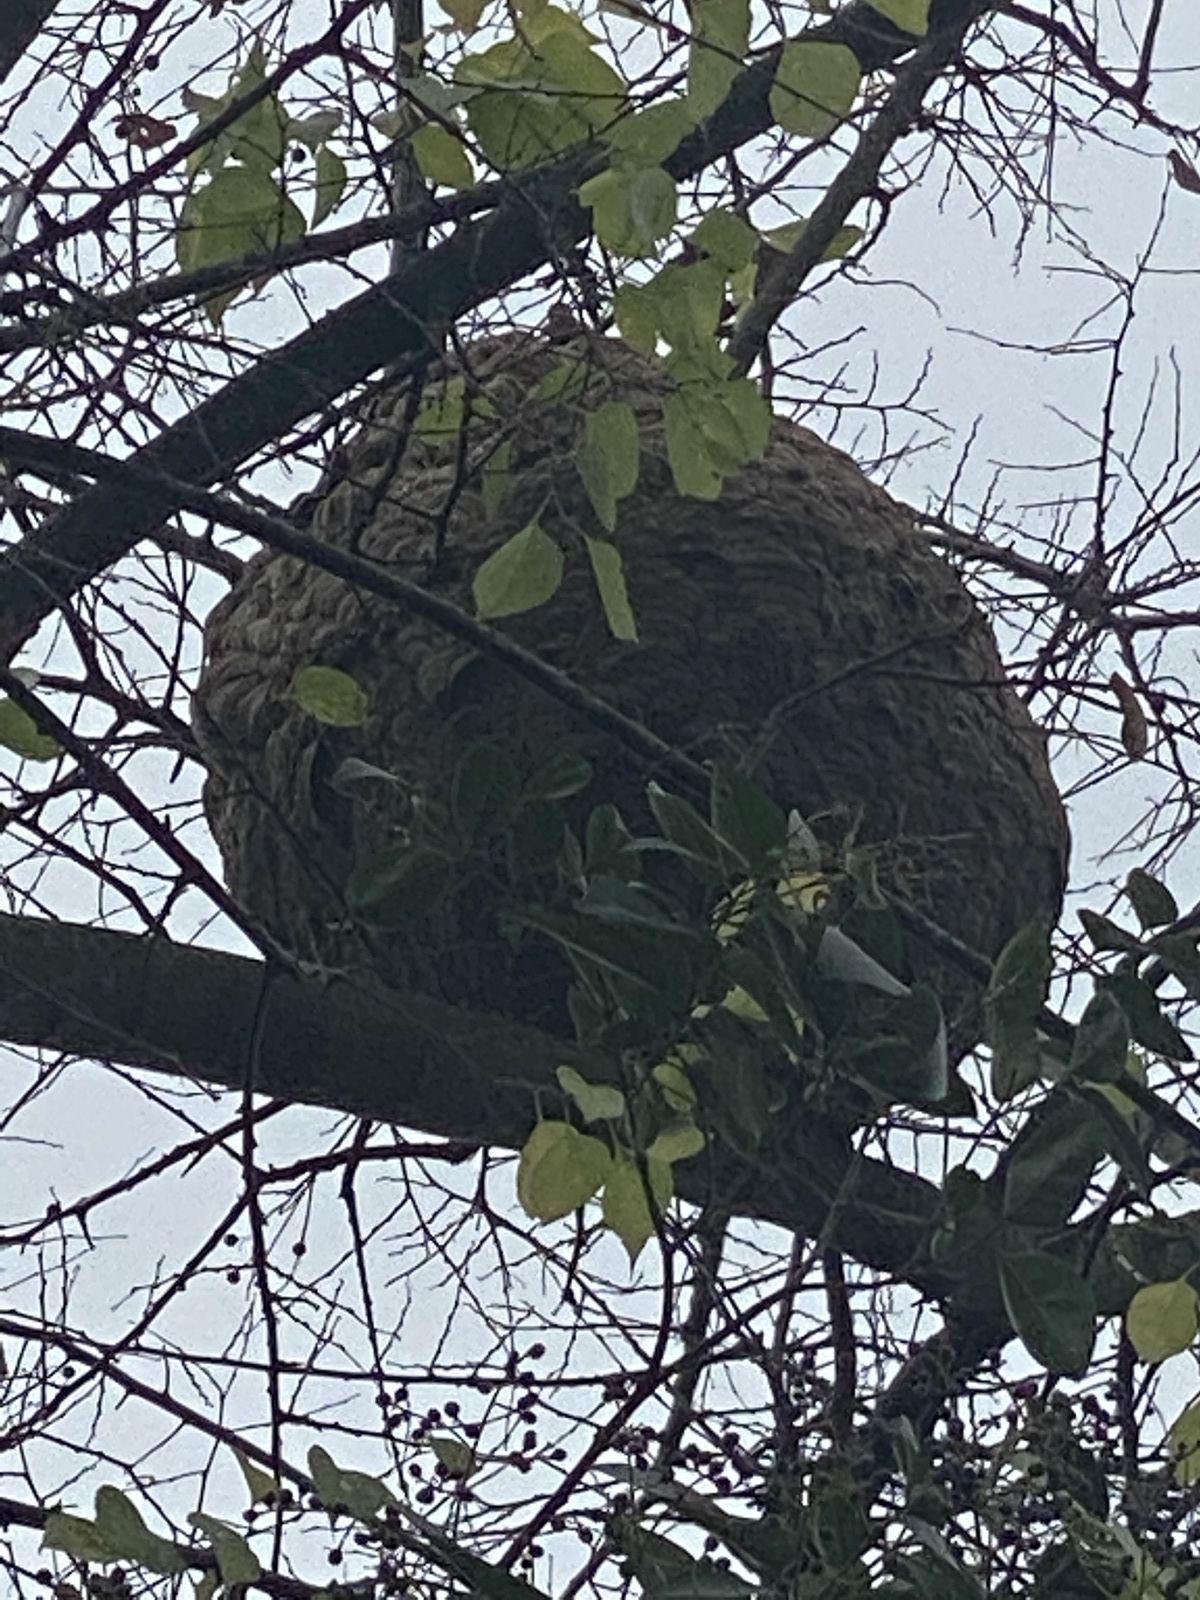 Bordeaux destruction traitement   de vos nids de frelons par ADSA33 CONTACT 06 78 18 32 34